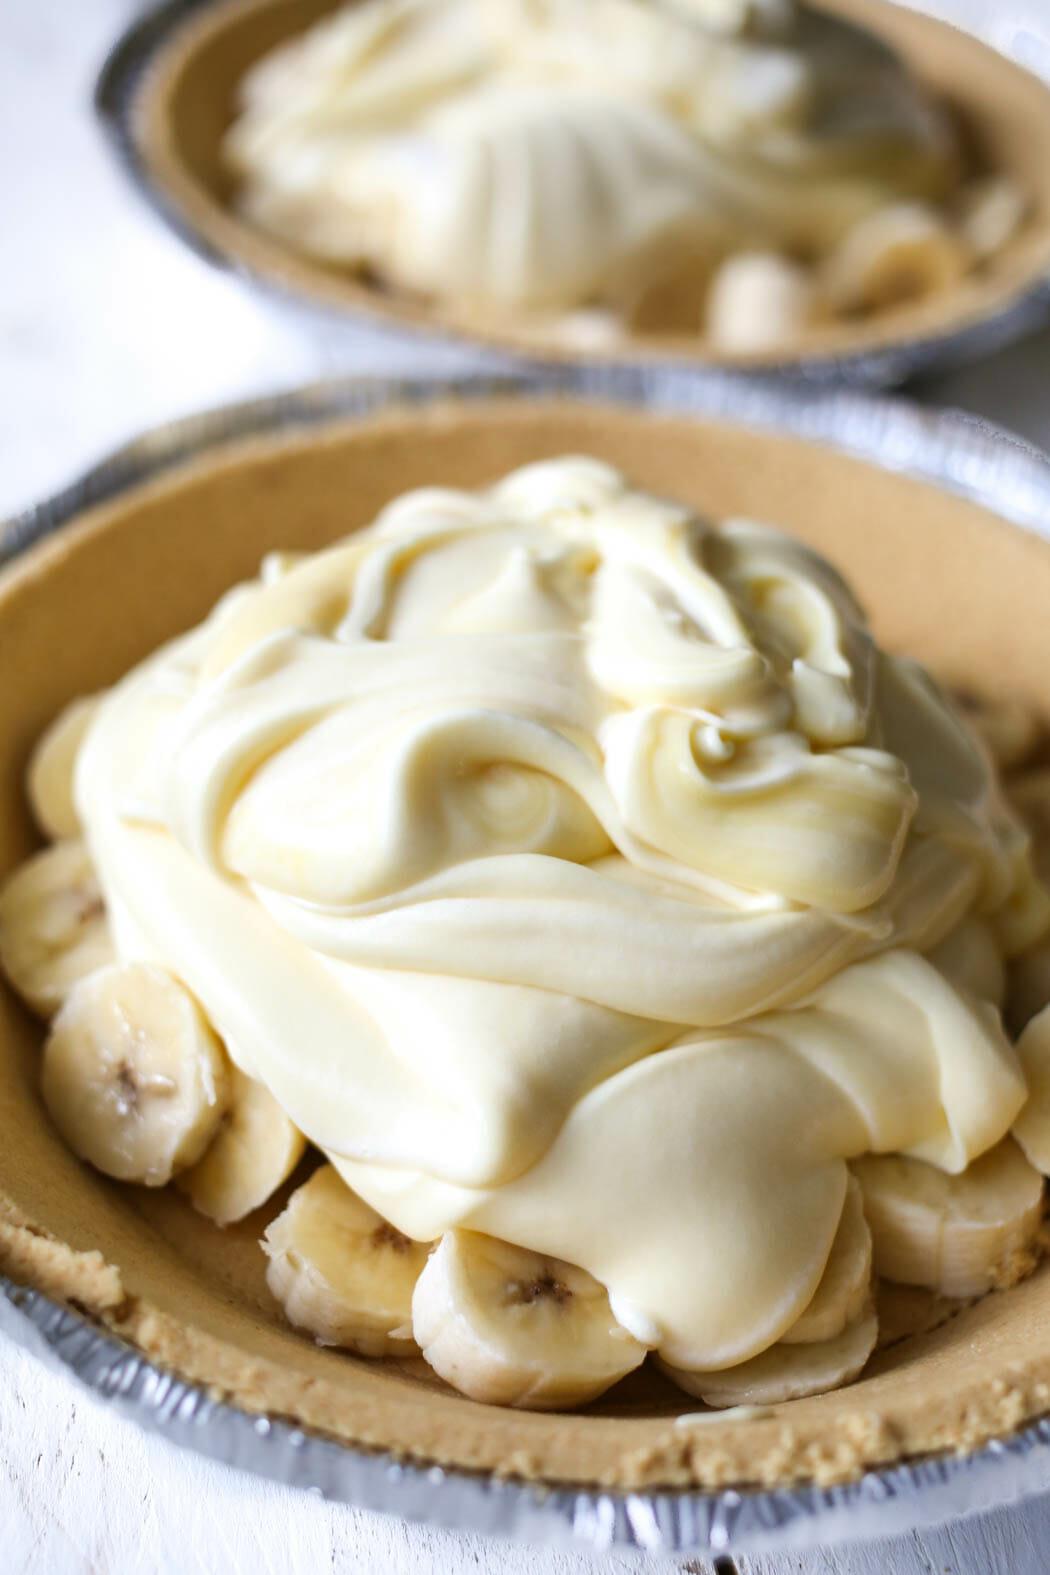 bananas and banana cream in pie crust